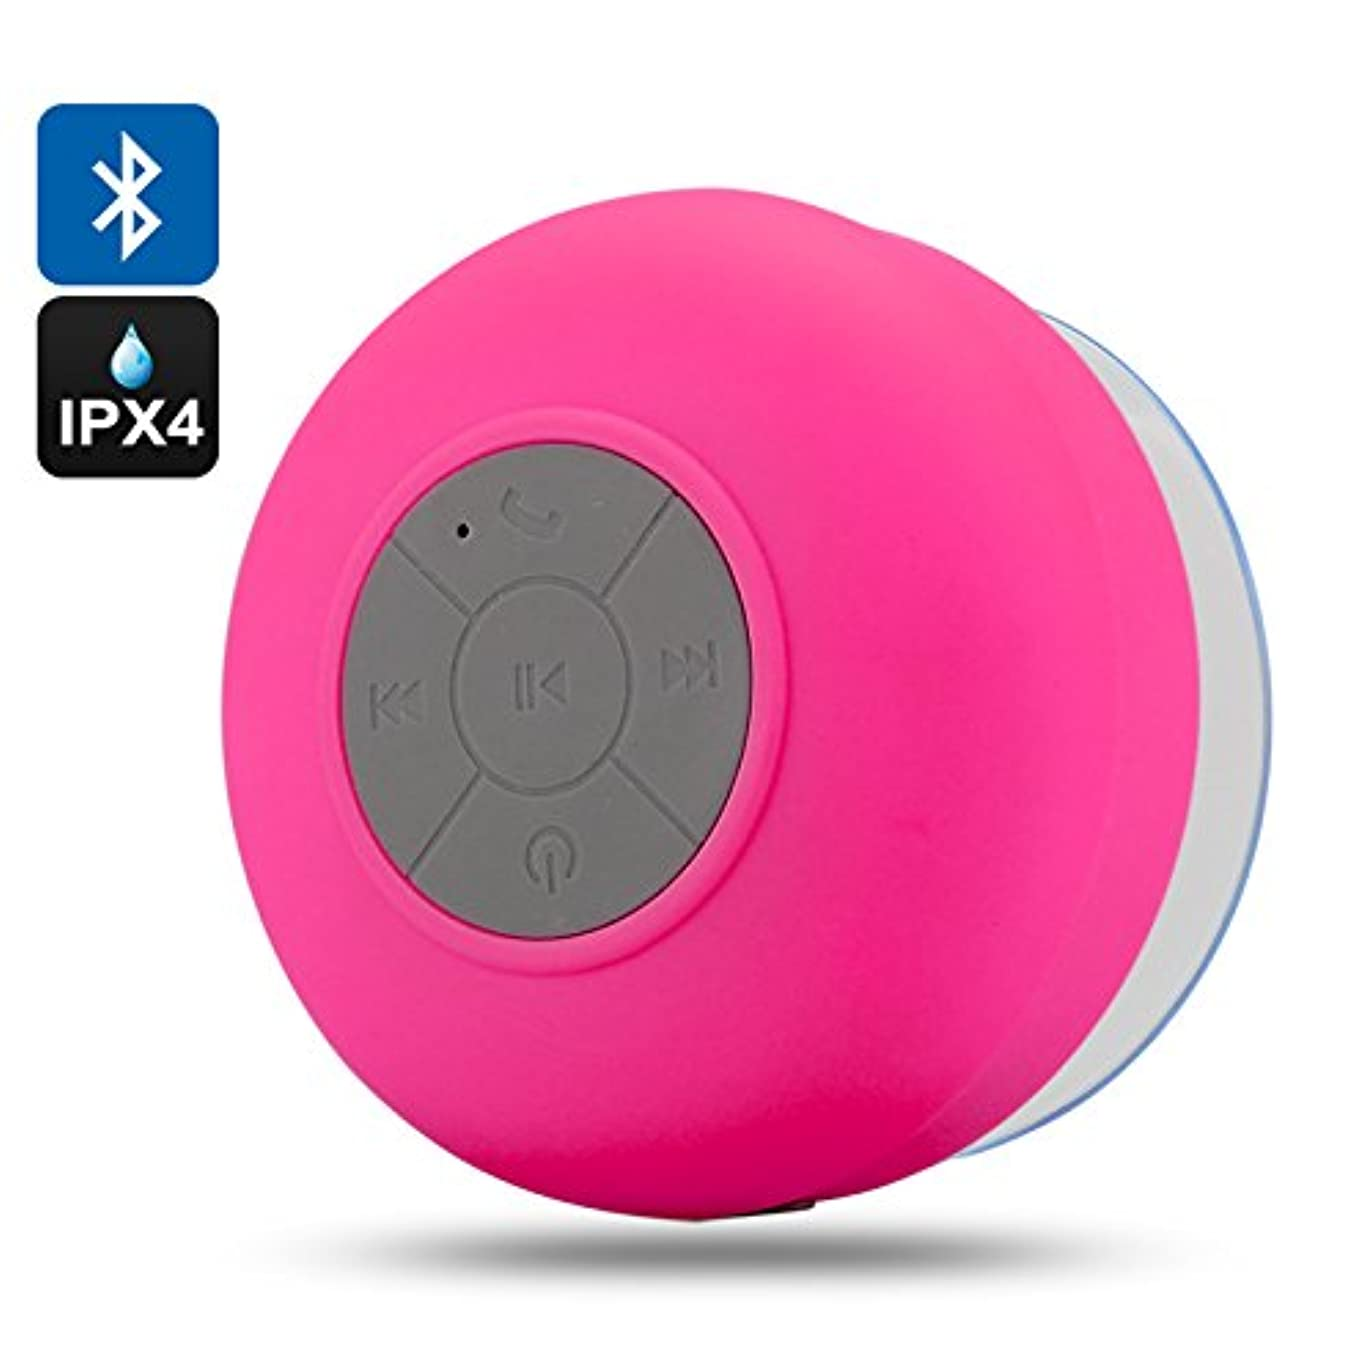 一時停止プレート誤解を招くAquaSound - IPX4 Water Resistant Bluetooth Shower Speaker (Call Answering, Music Control, 400mAh, Red)